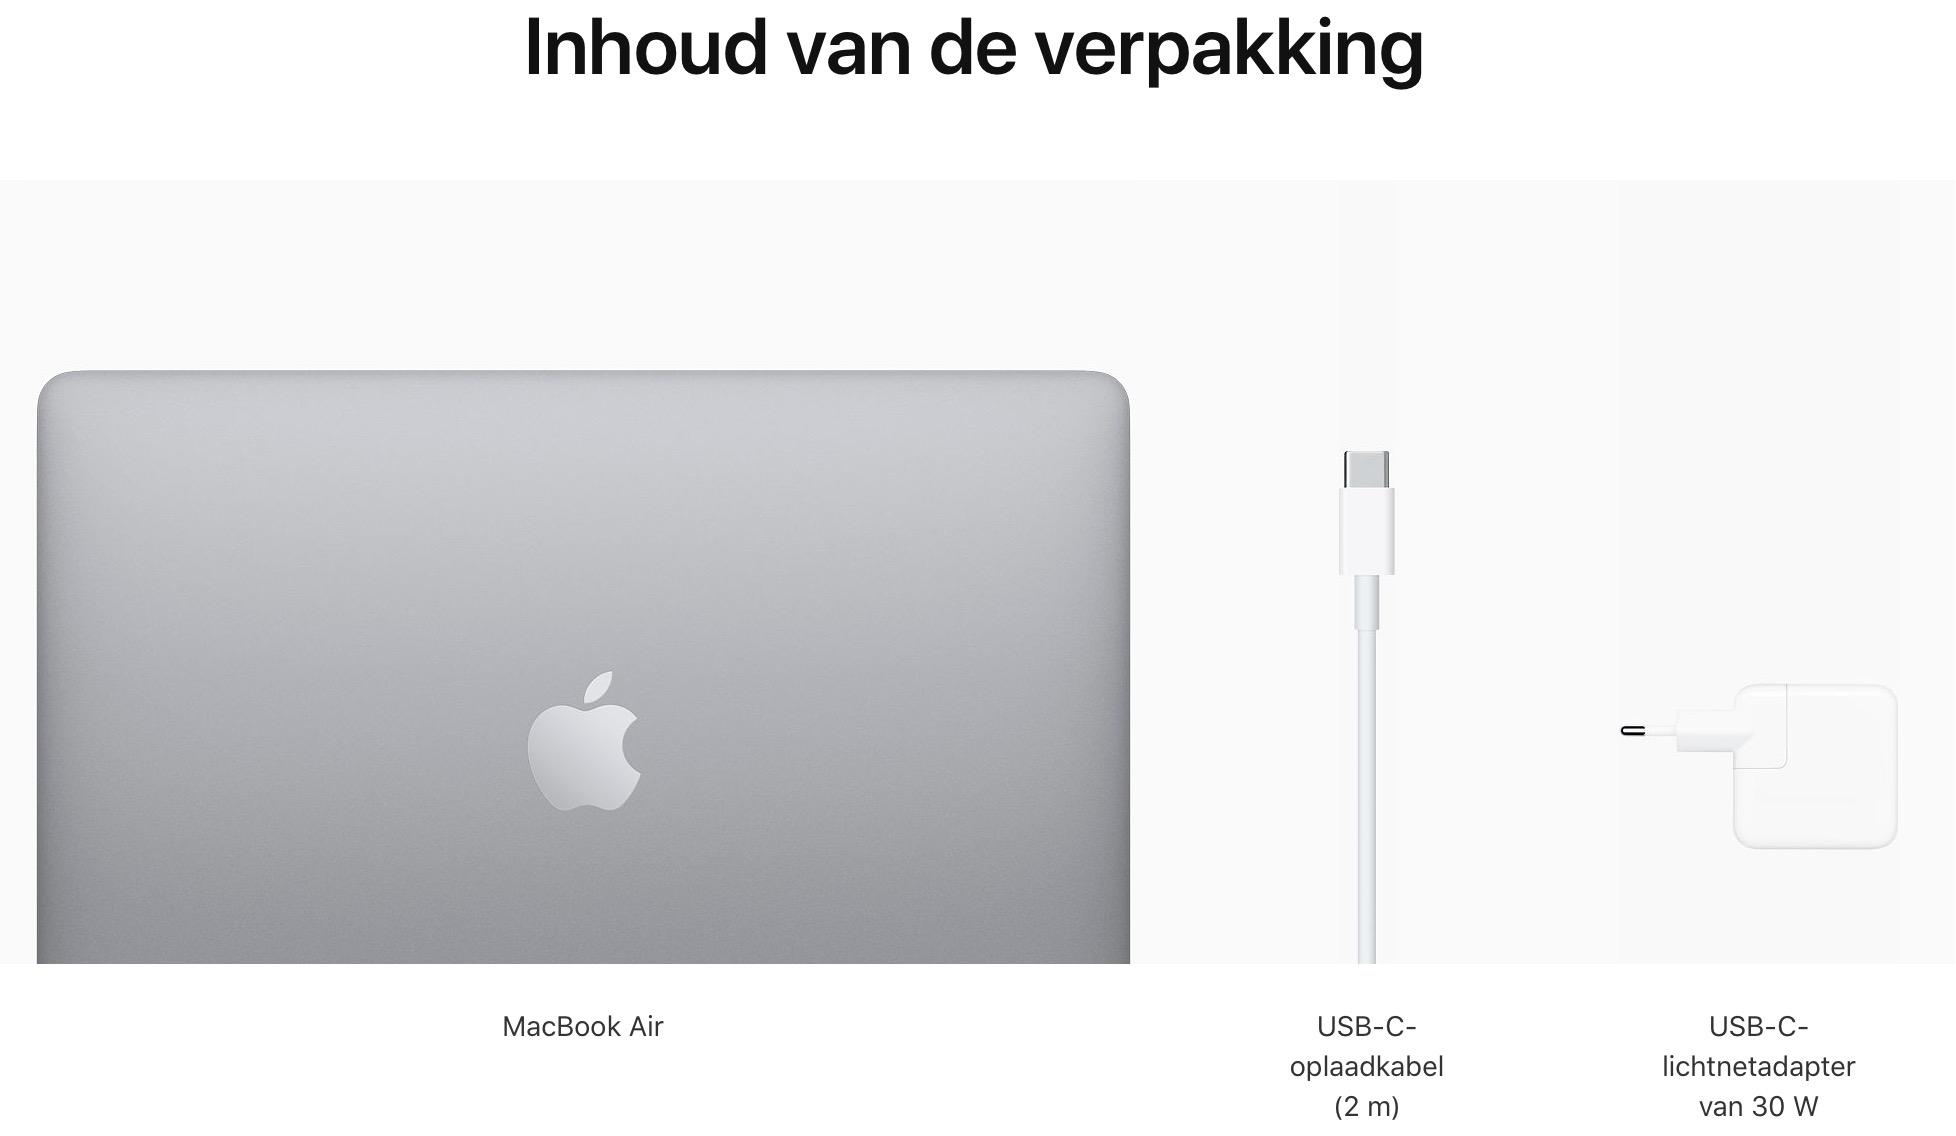 13-inch MacBook Air - Spacegrijs - Apple M1‑chip met 8‑core CPU en 7‑core GPU - 16 GB RAM - 250 GB opslag - Twee (USB‑C)...